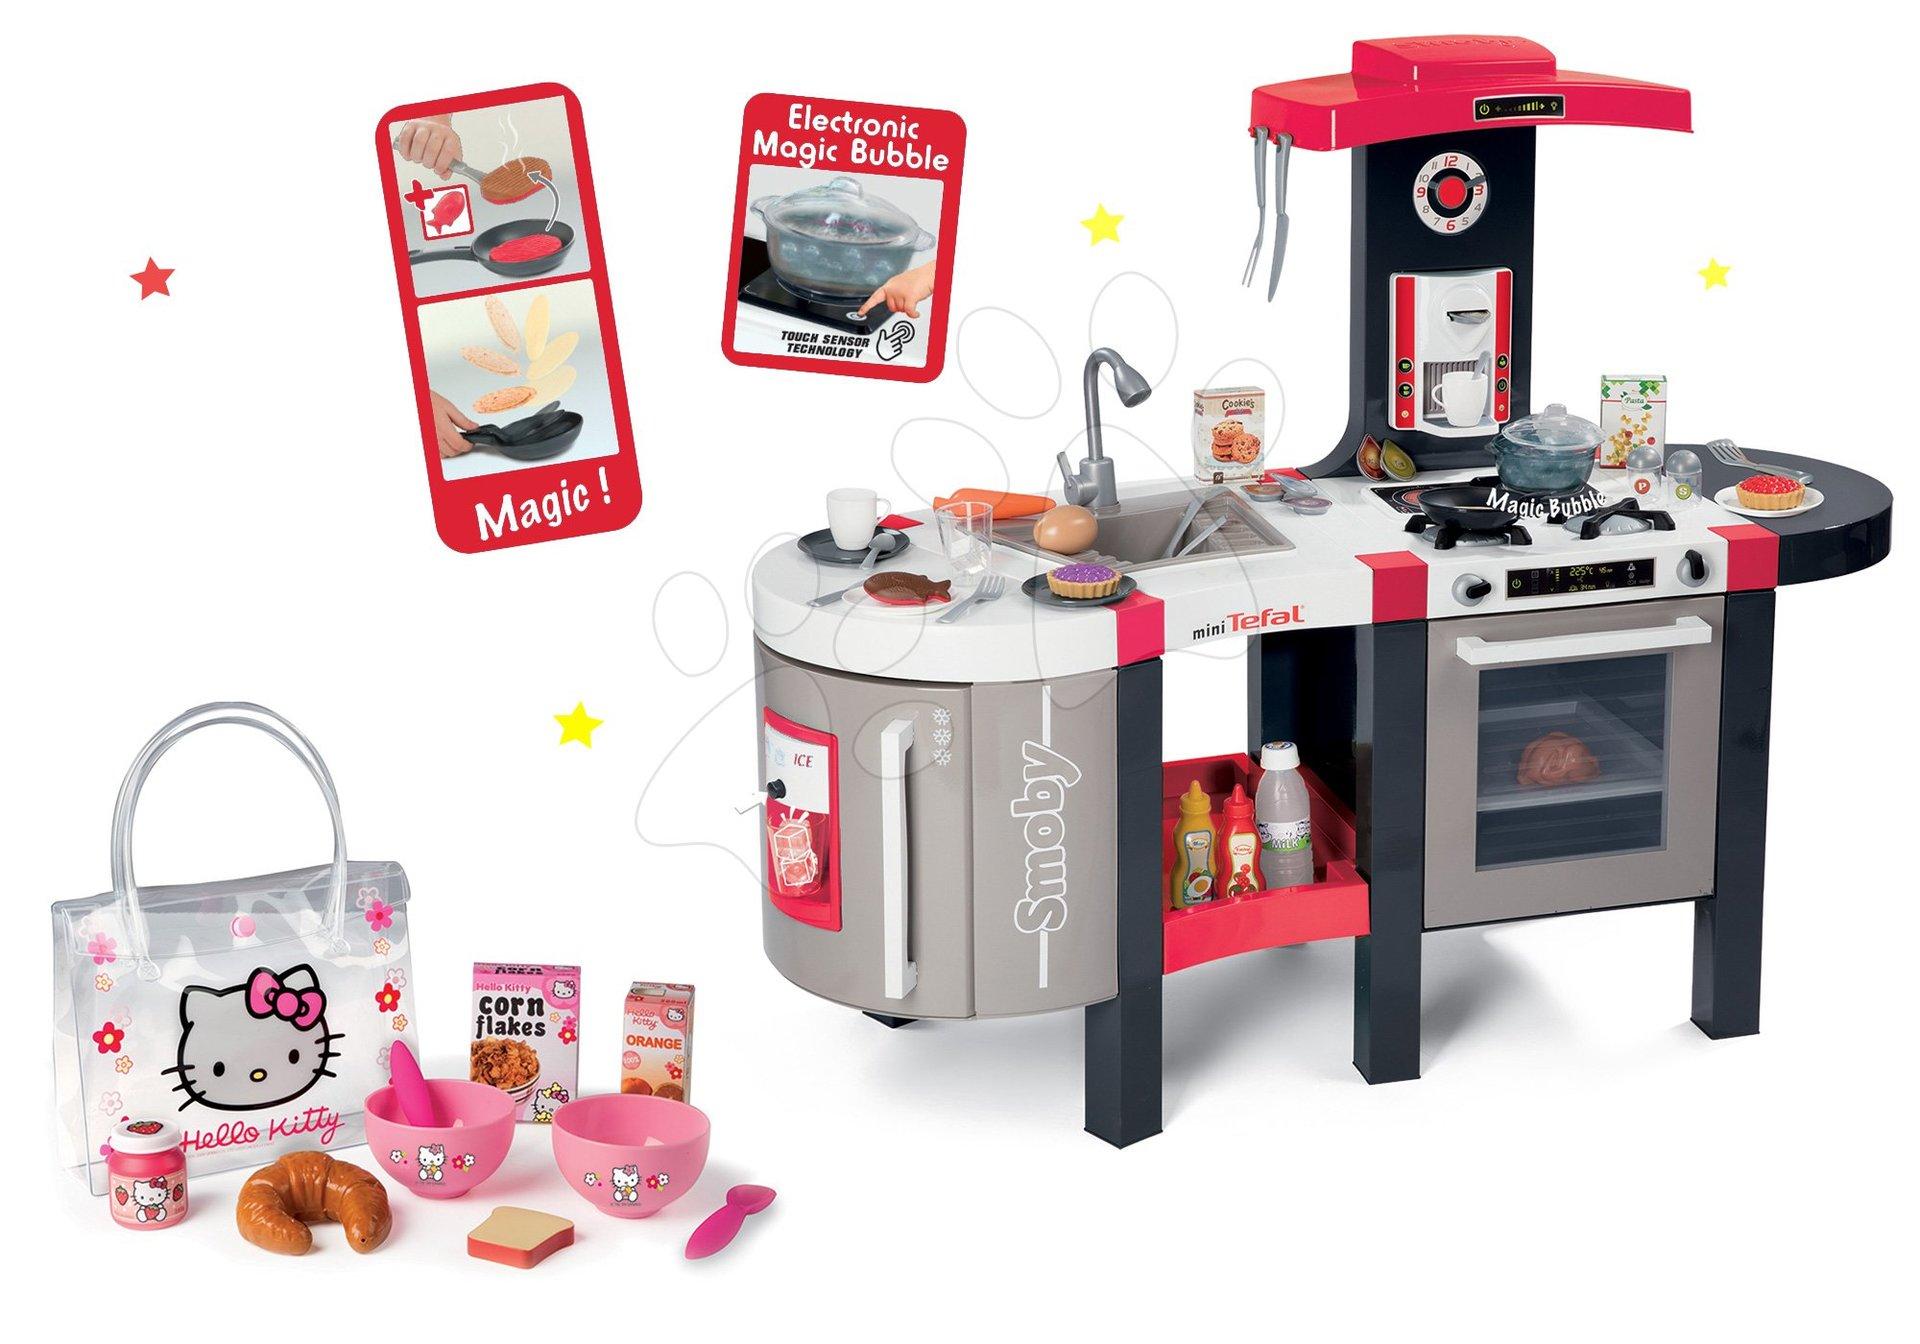 Set kuchyňka elektronická Tefal French Touch Bubble Smoby s bubláním a snídaňový set v taštičce Hello Kitty jako dárek